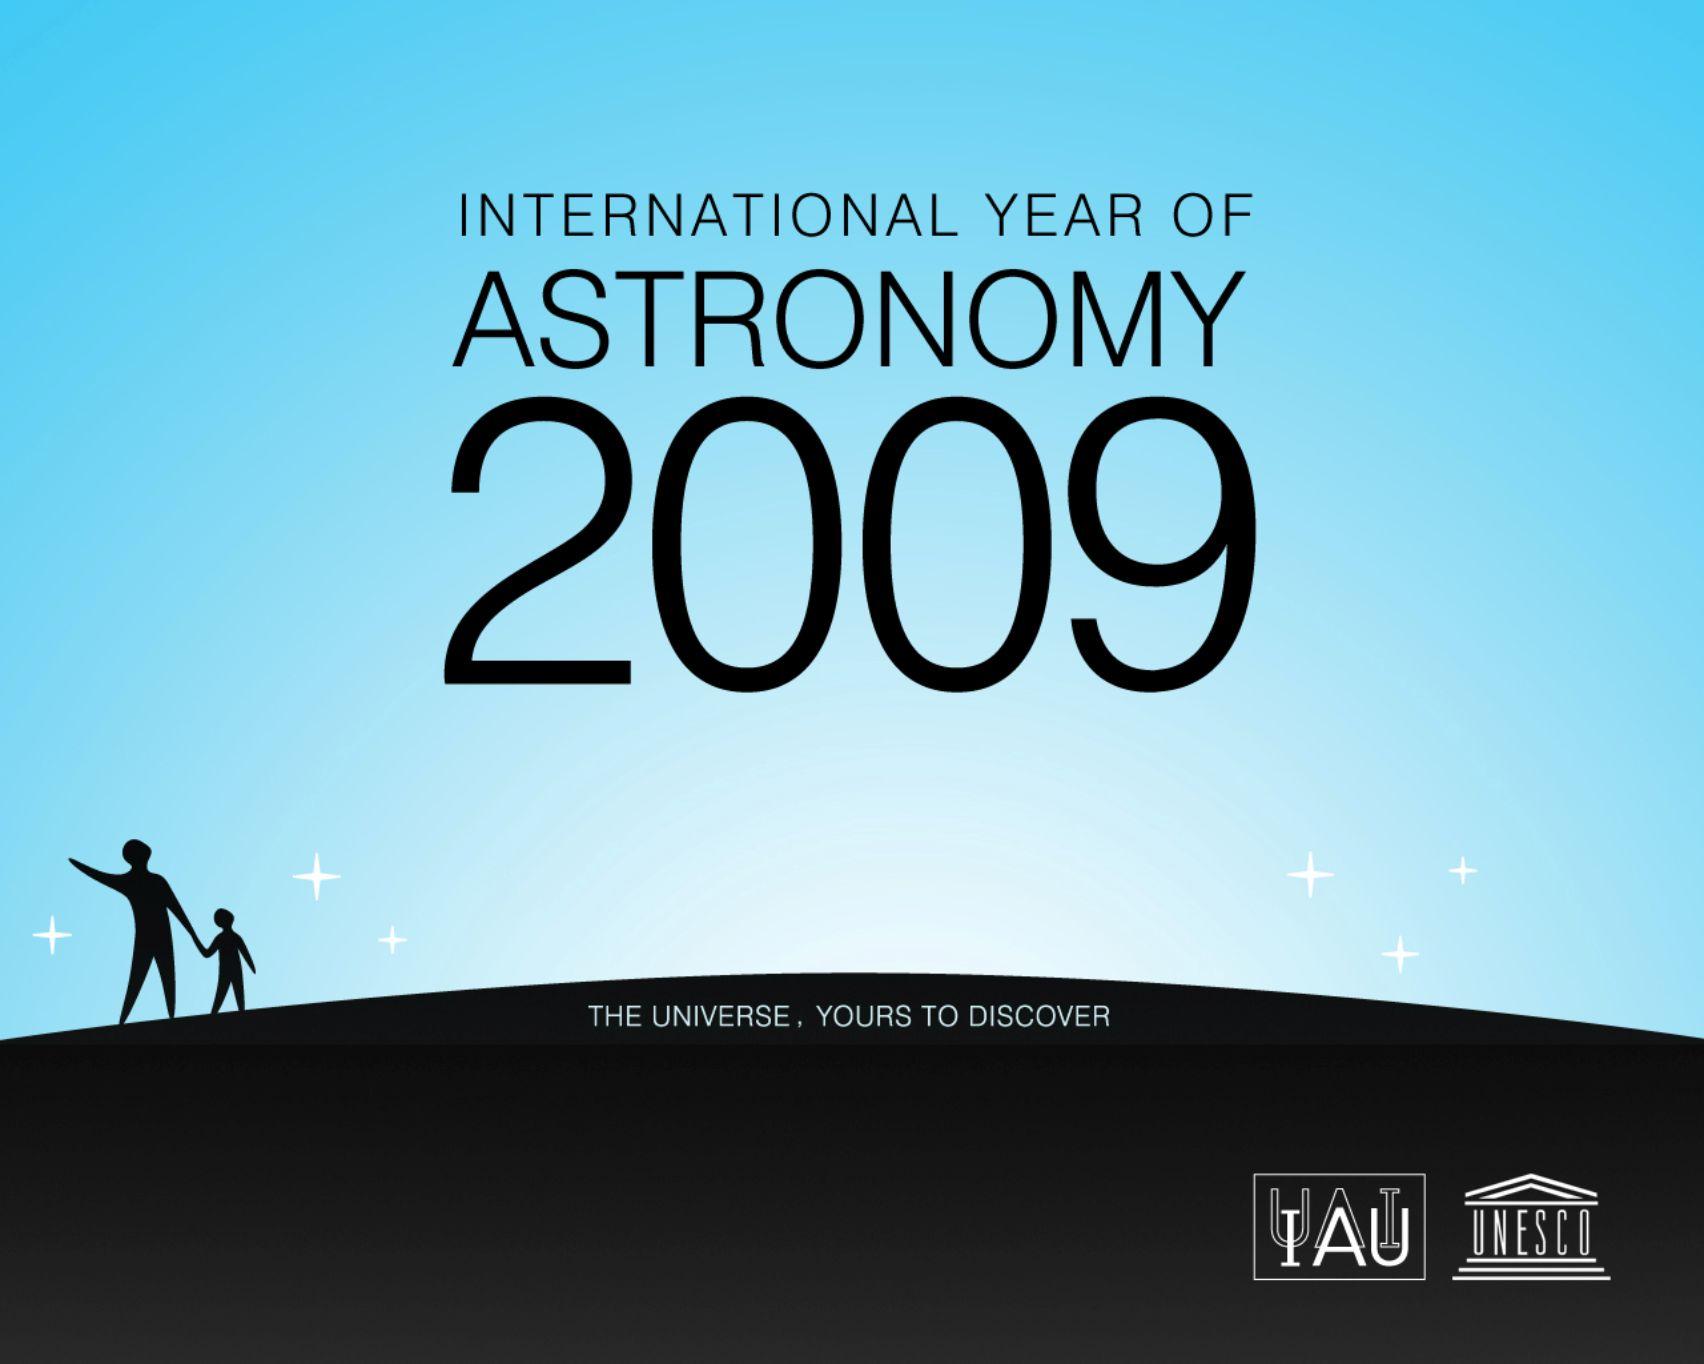 El Año Internacional de la Astronomía Vision Ayudar a redescubrir nuestro lugar en el Universo.